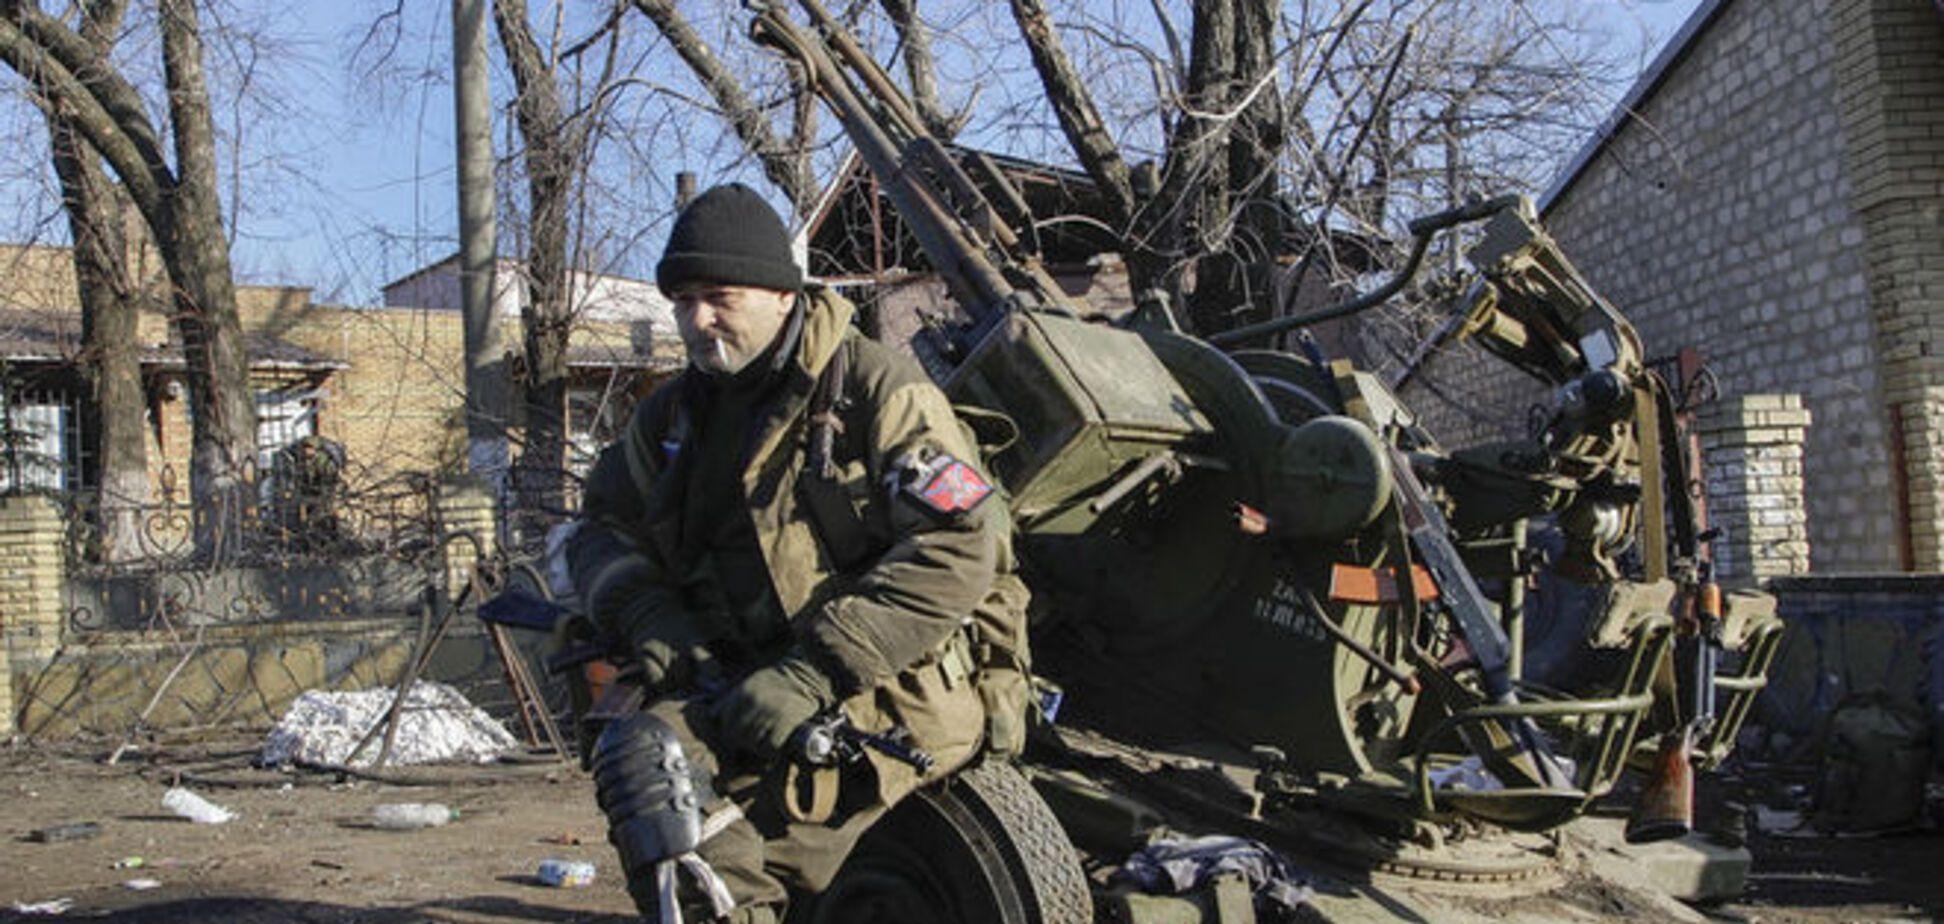 Бойовики обстріляли представників Міжнародного комітету Червоного Хреста під Донецьком